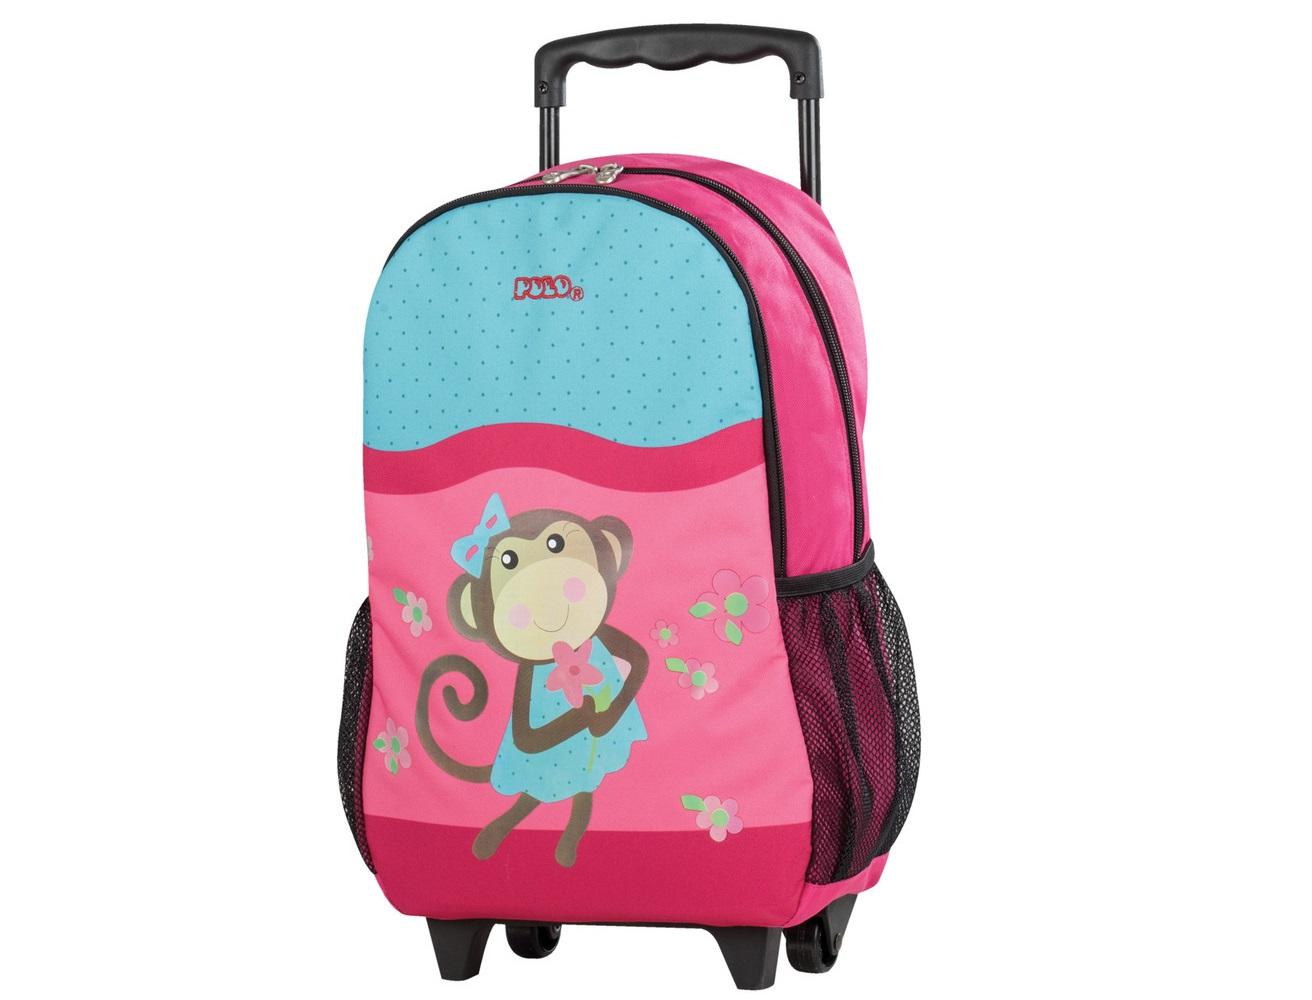 09685b14775 Τσάντα Τρόλεϋ Νηπιαγωγείου Polo Monkey - Lexicon Shop